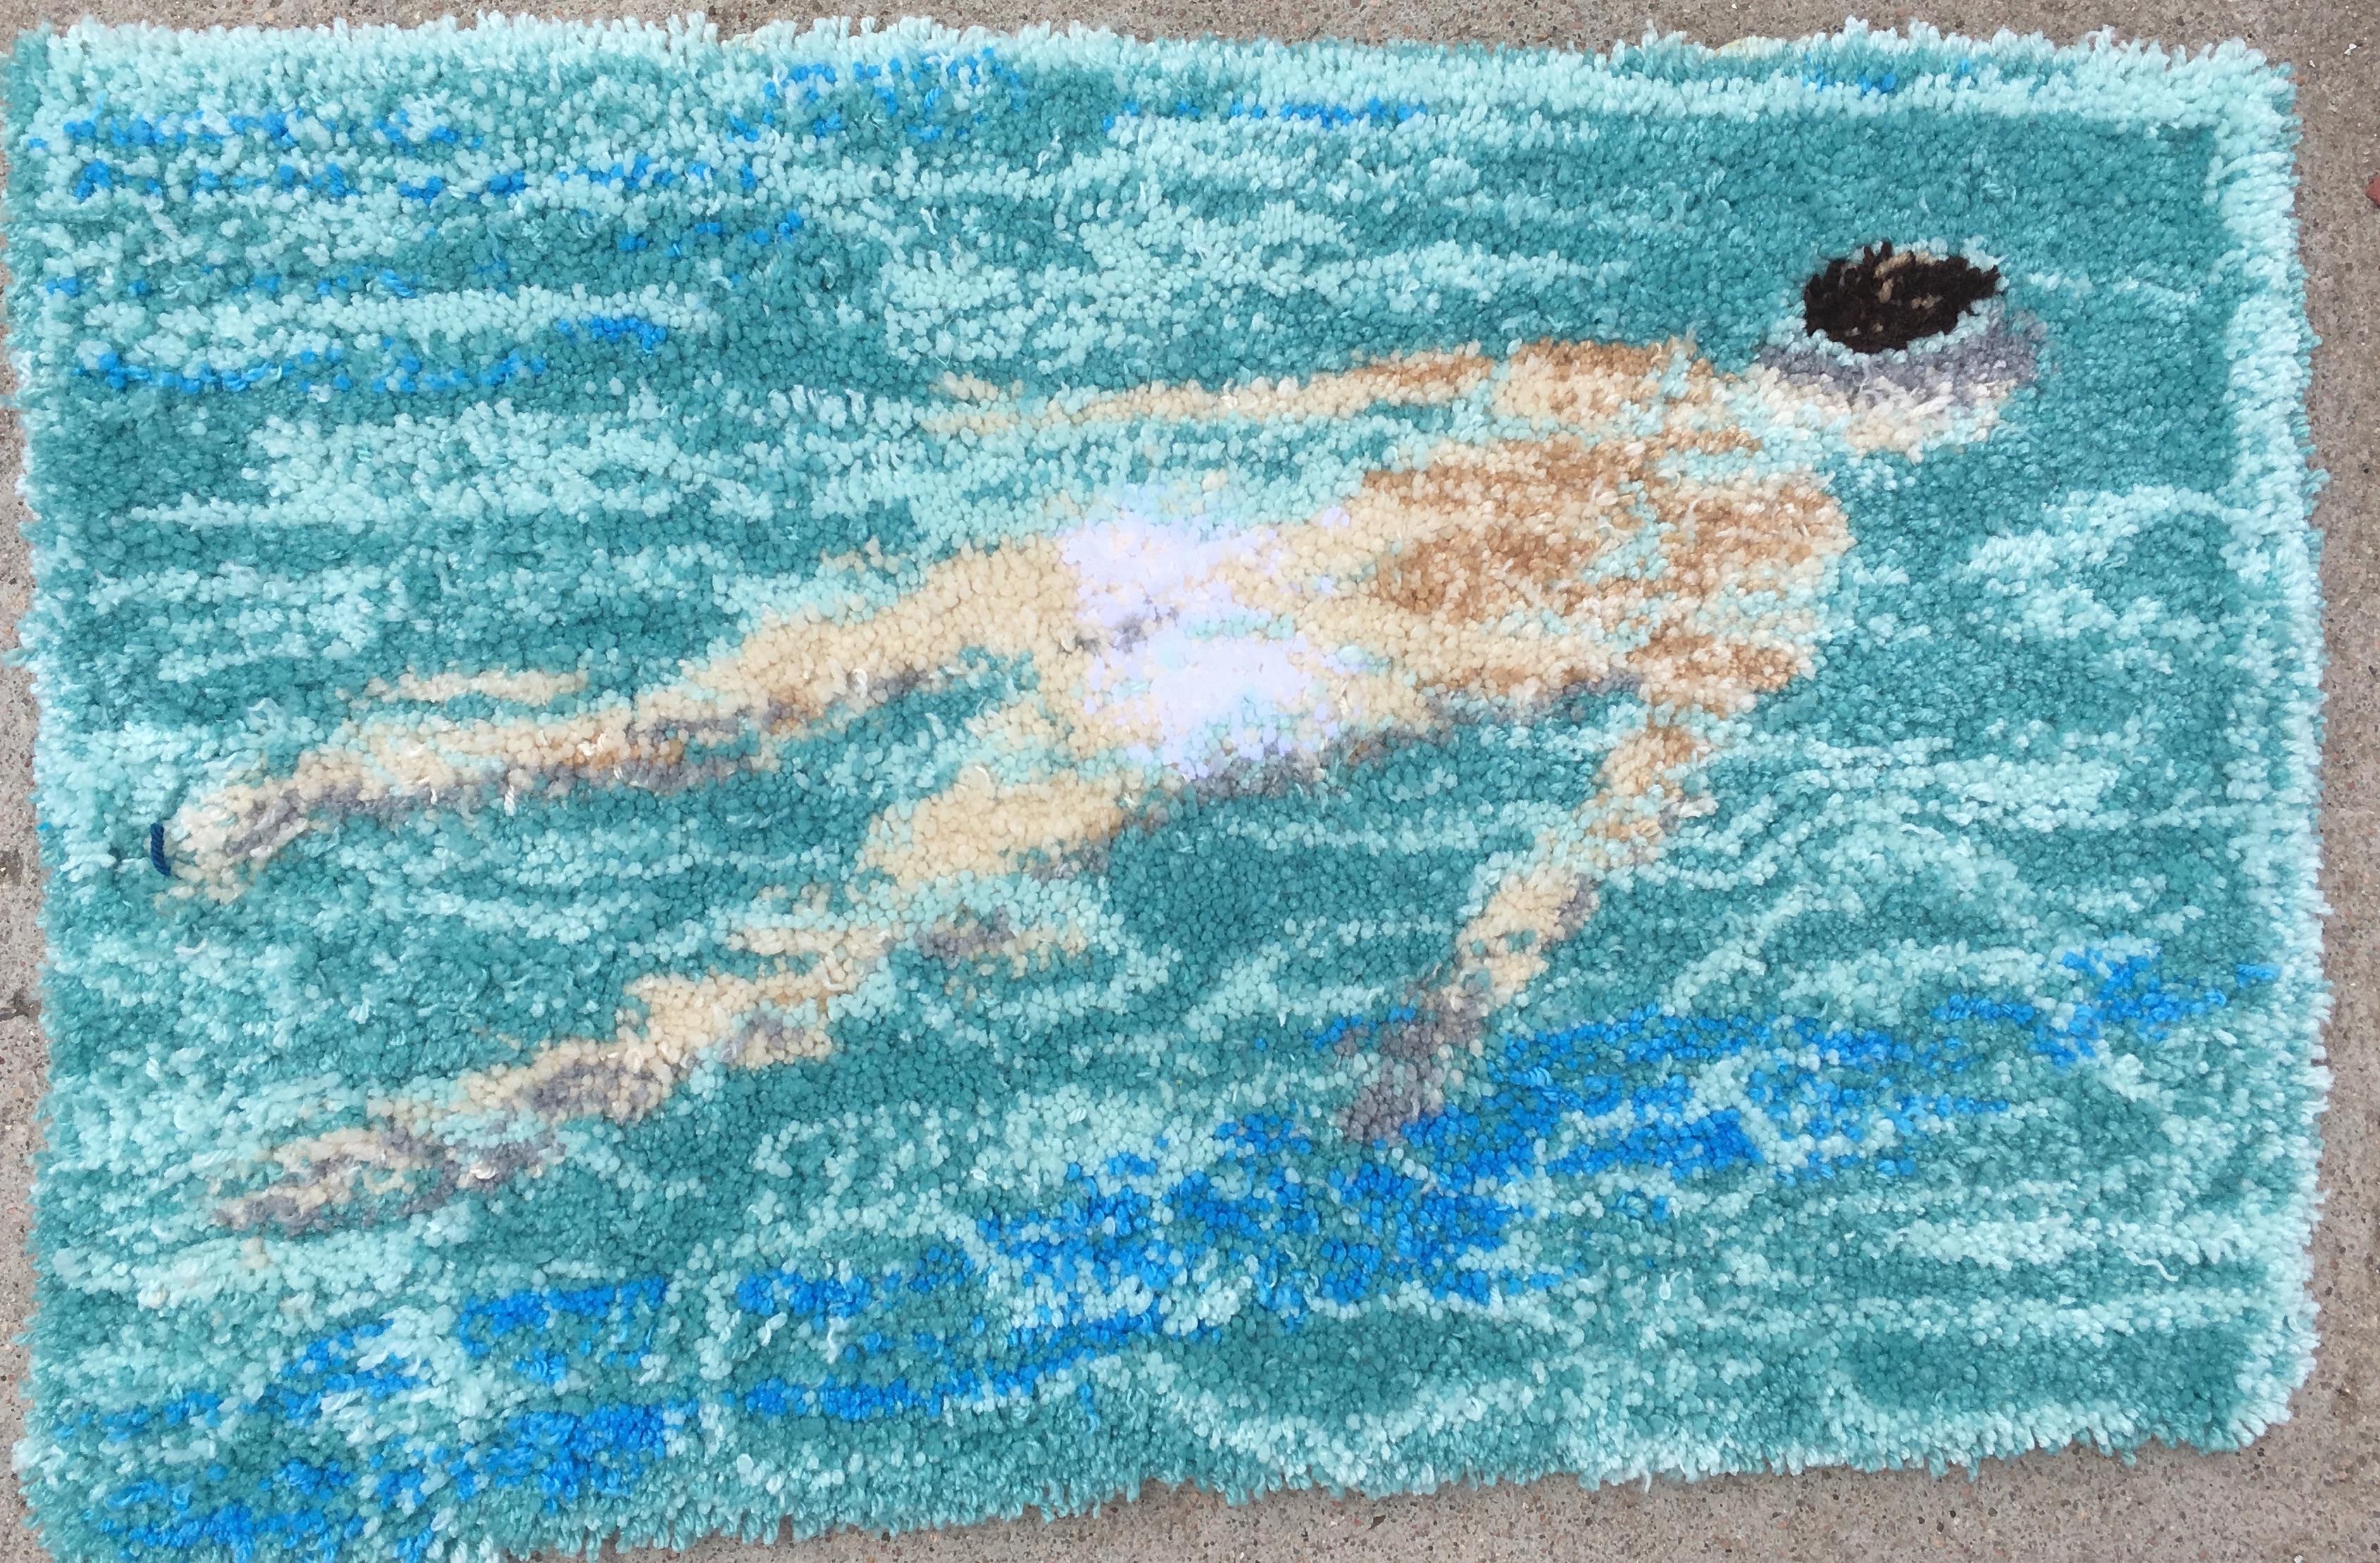 Swimmer 5